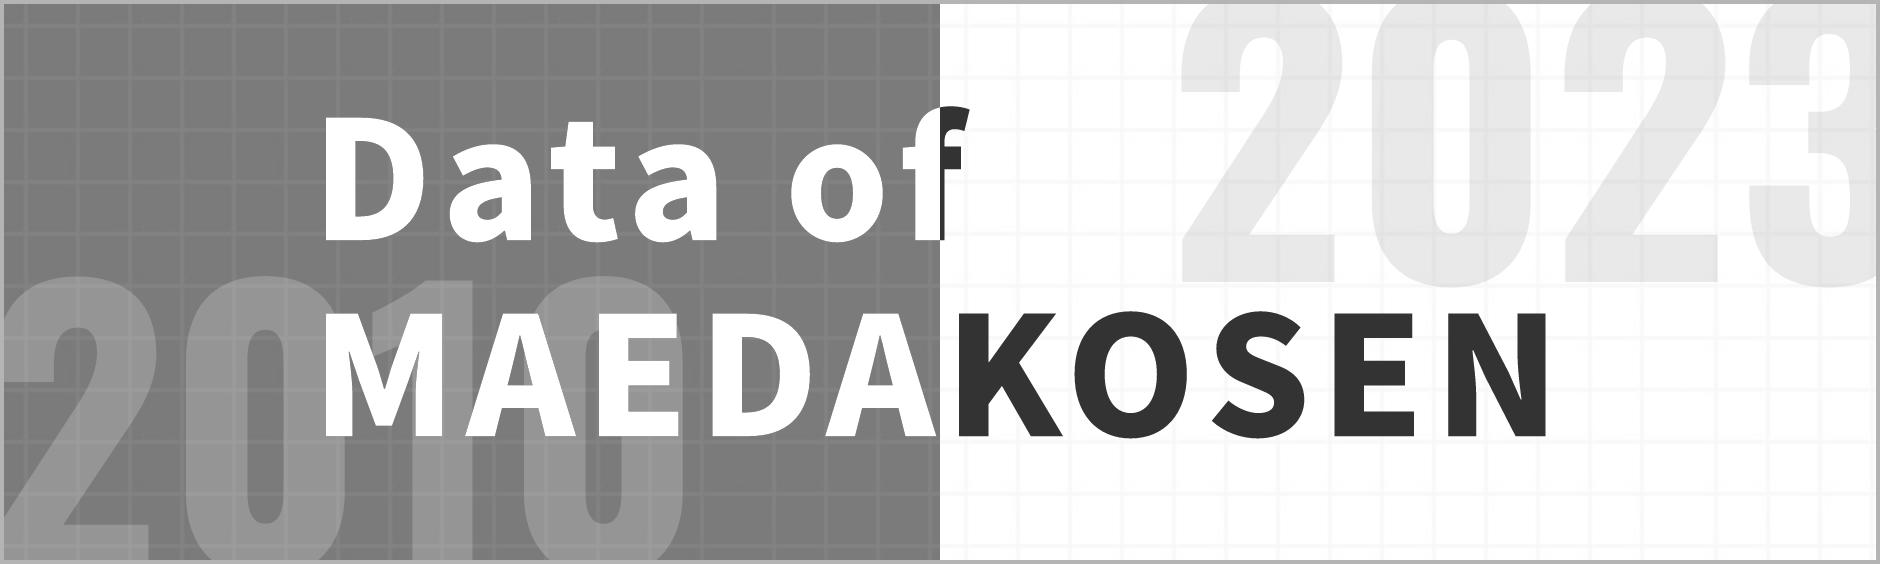 Data of MAEDAKOSEN